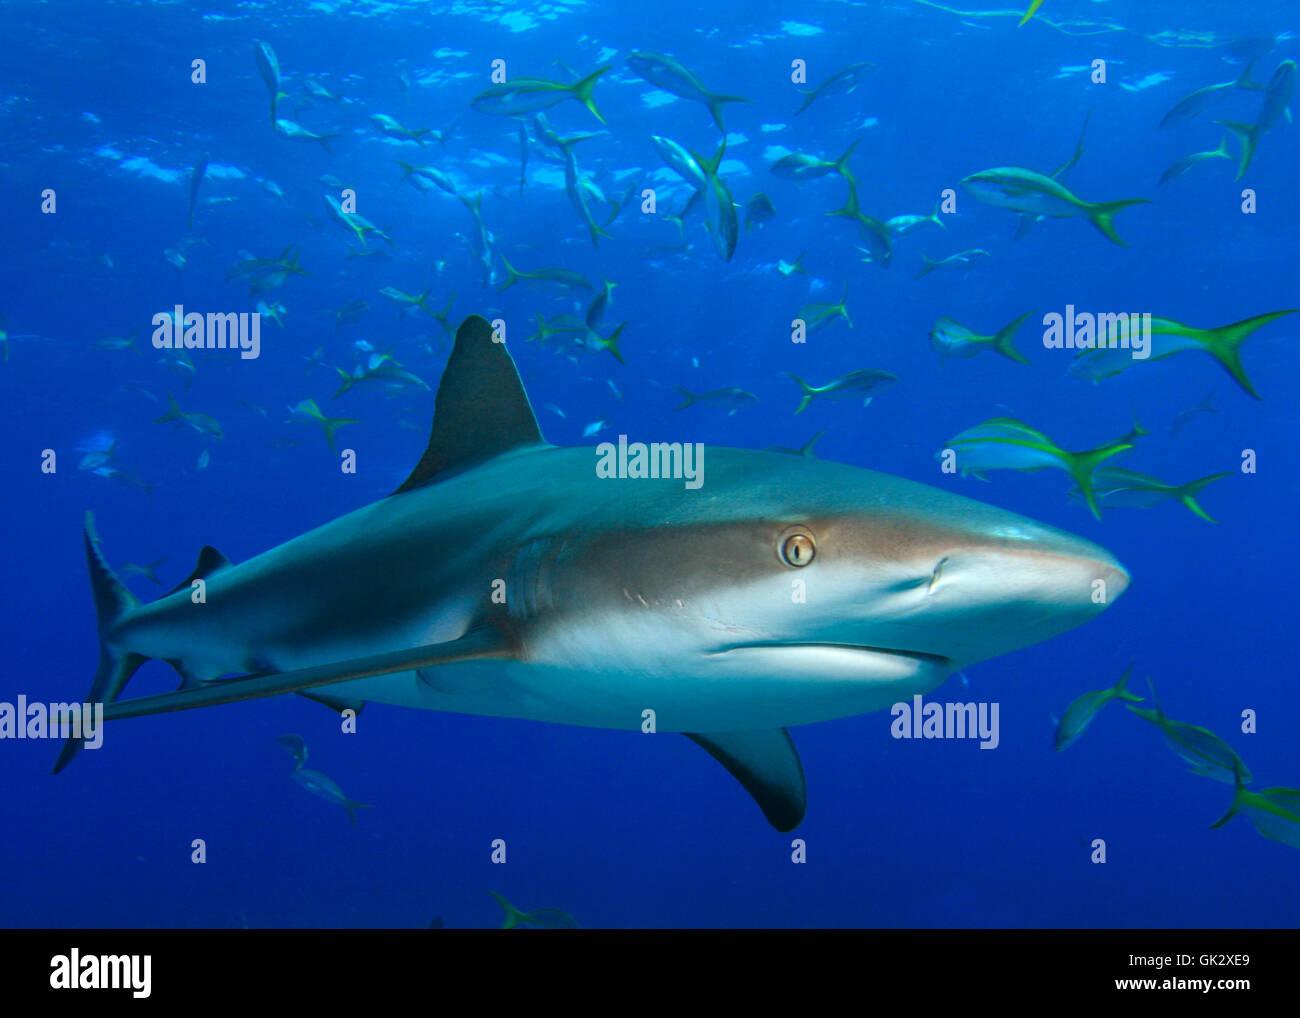 fish underwater reef Stock Photo